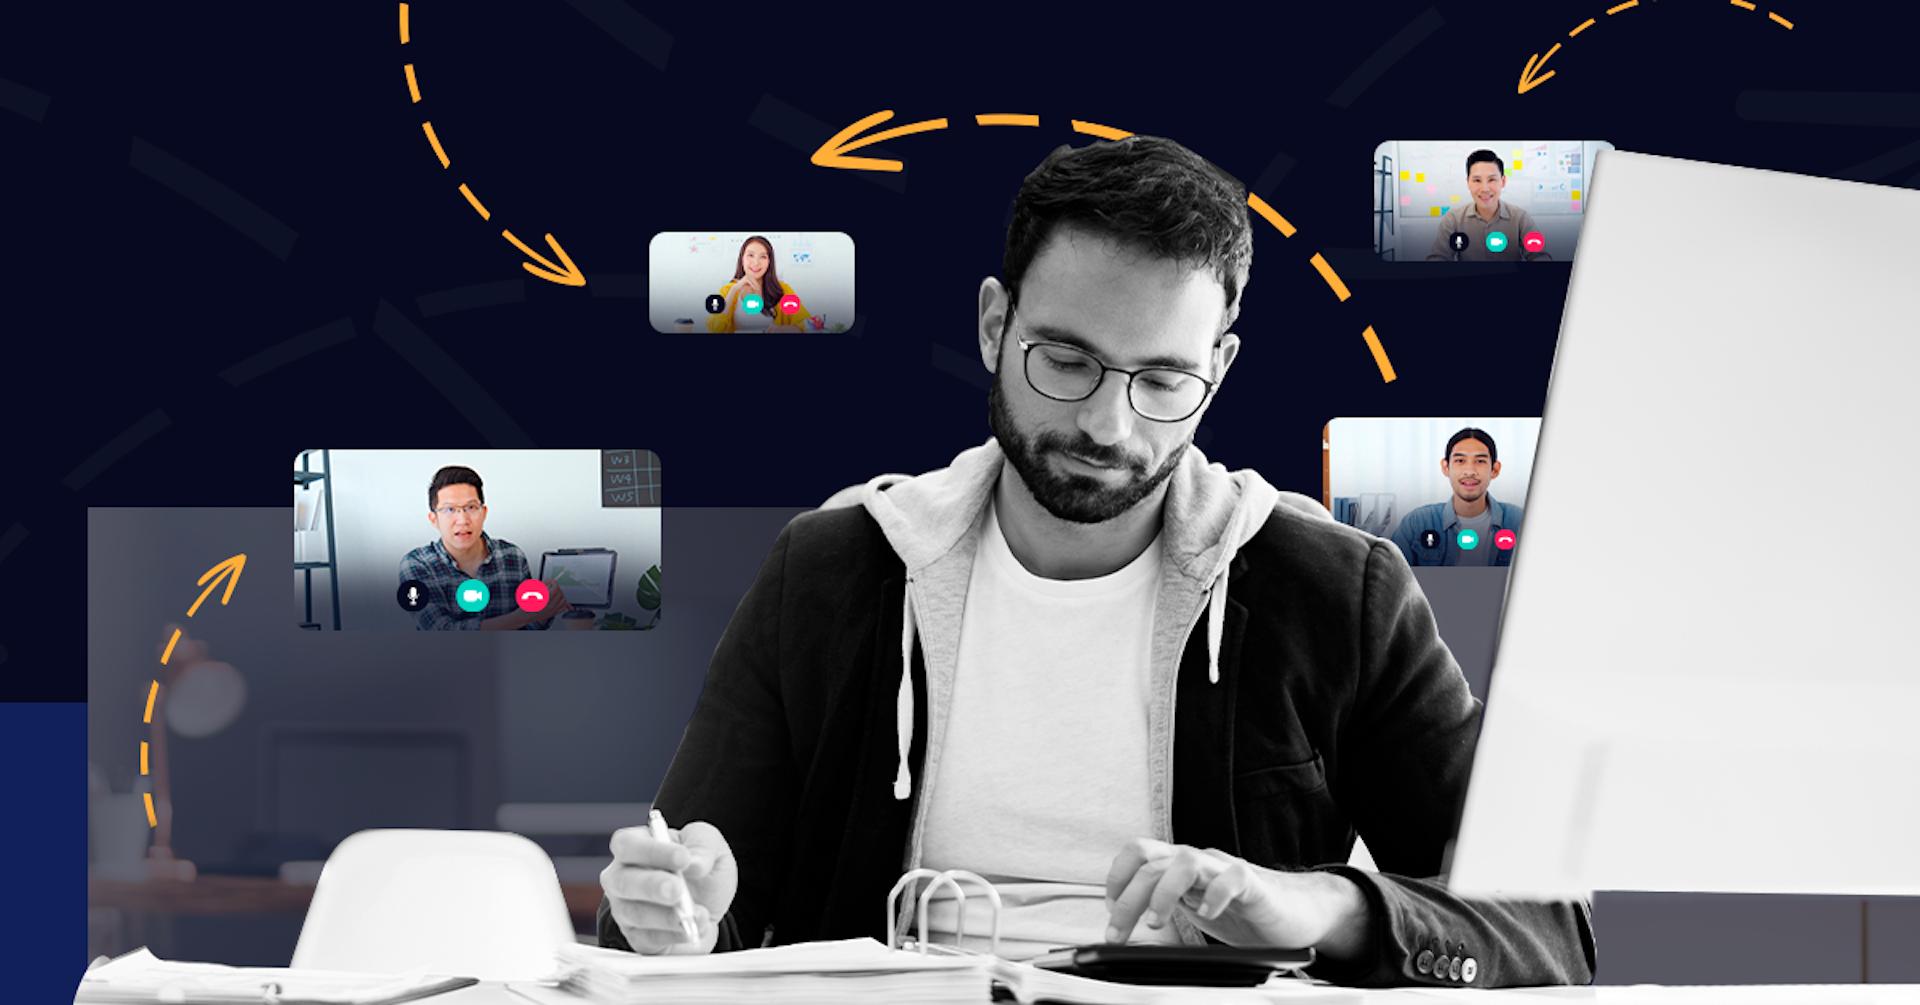 Diseña un plan de capacitación para tu empresa en pocos pasos